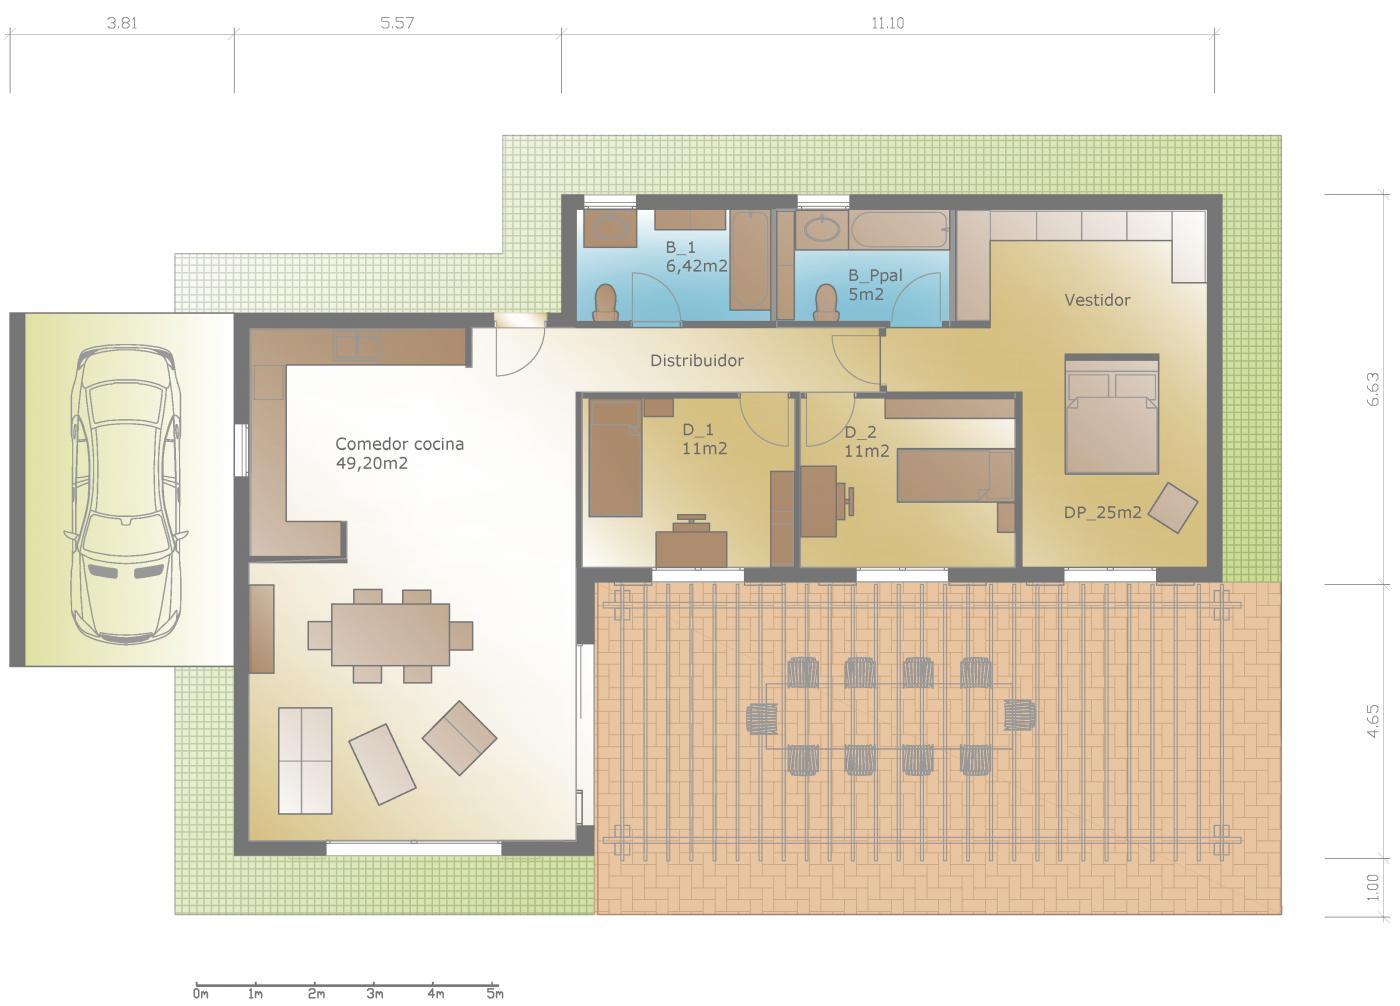 Plano de planta dise o casa rustica moderna - Disenos de casas modernas ...